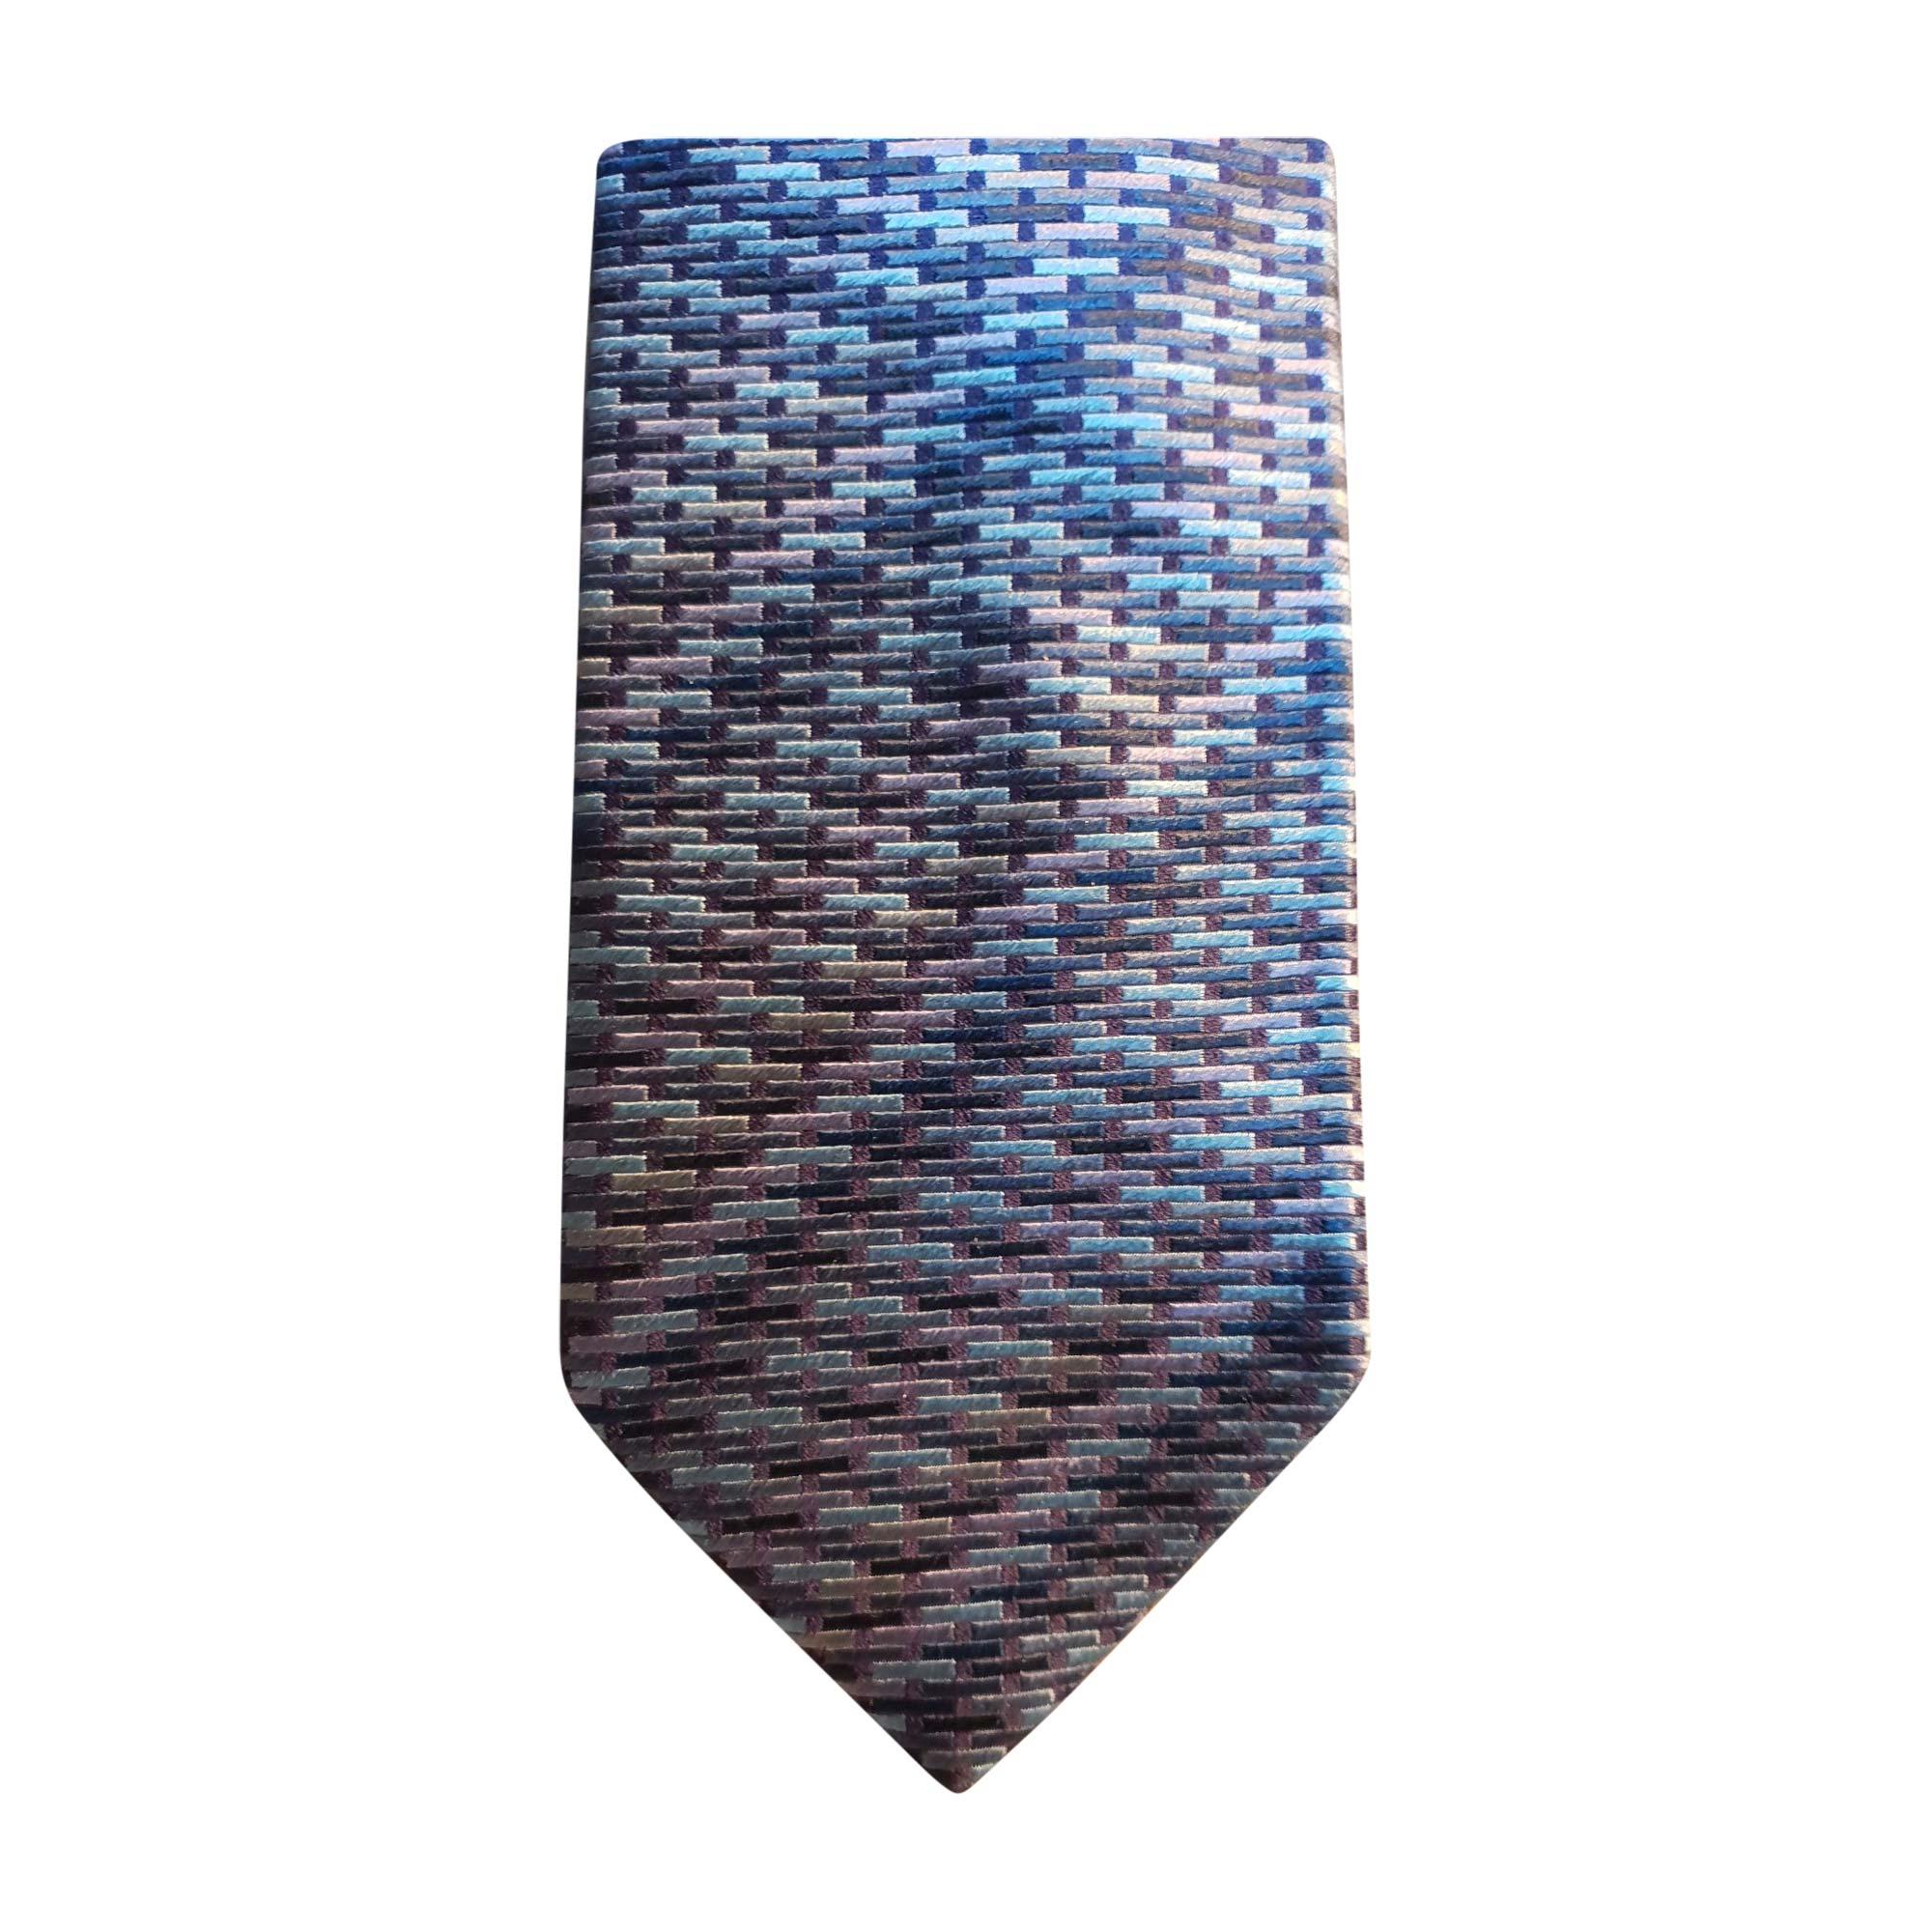 Cravatta SALVATORE FERRAGAMO Blu, blu navy, turchese